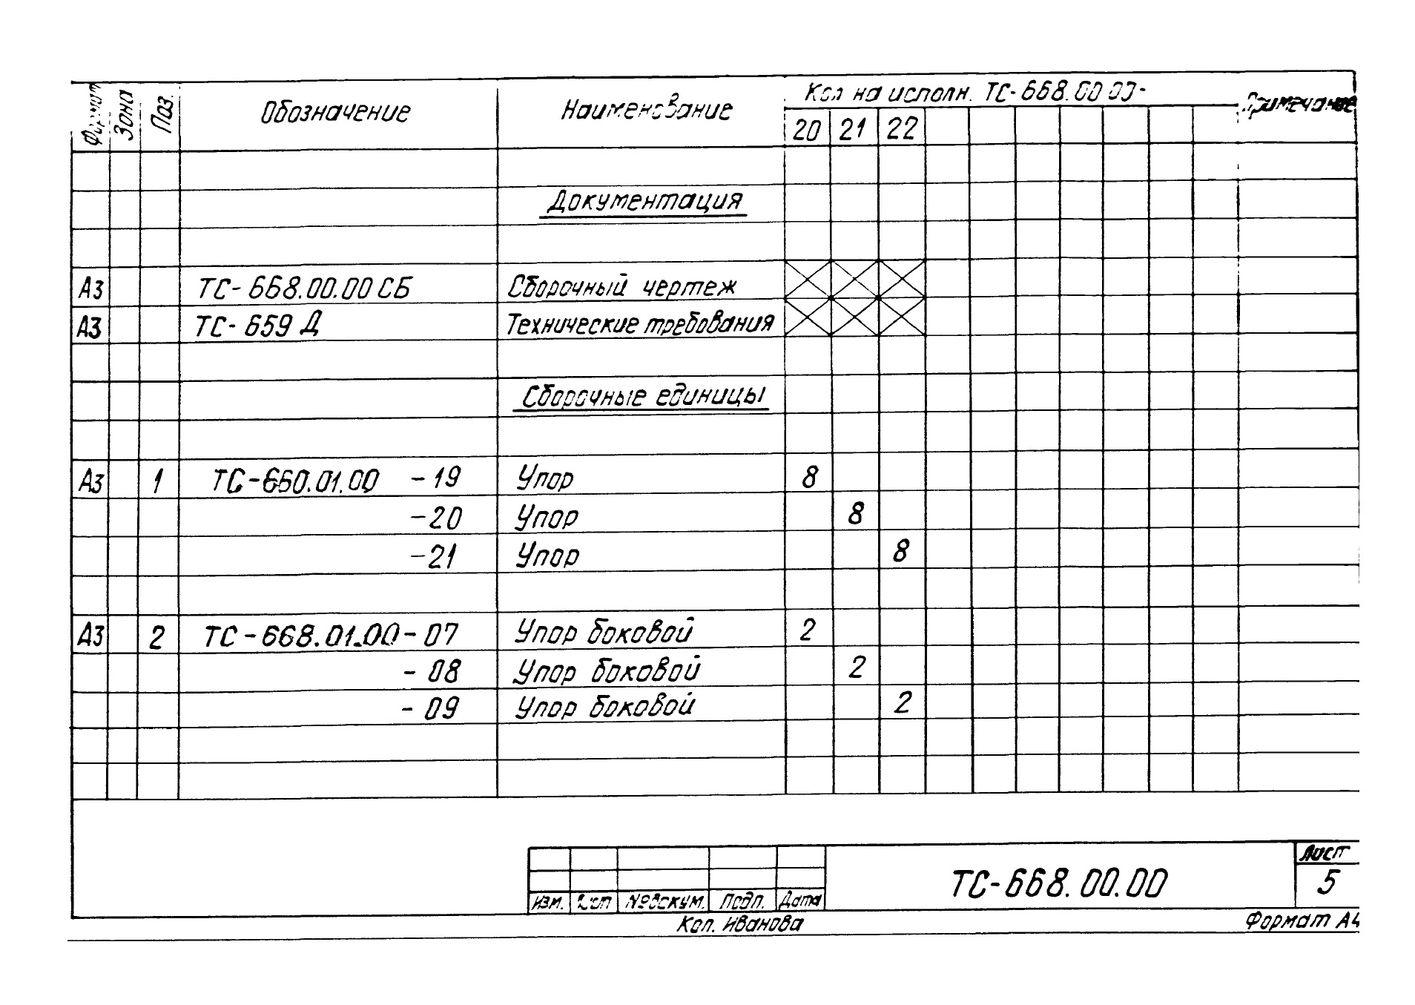 Опора неподвижная боковая ТС-668.00.00 серия 5.903-13 выпуск 7-95 стр.6